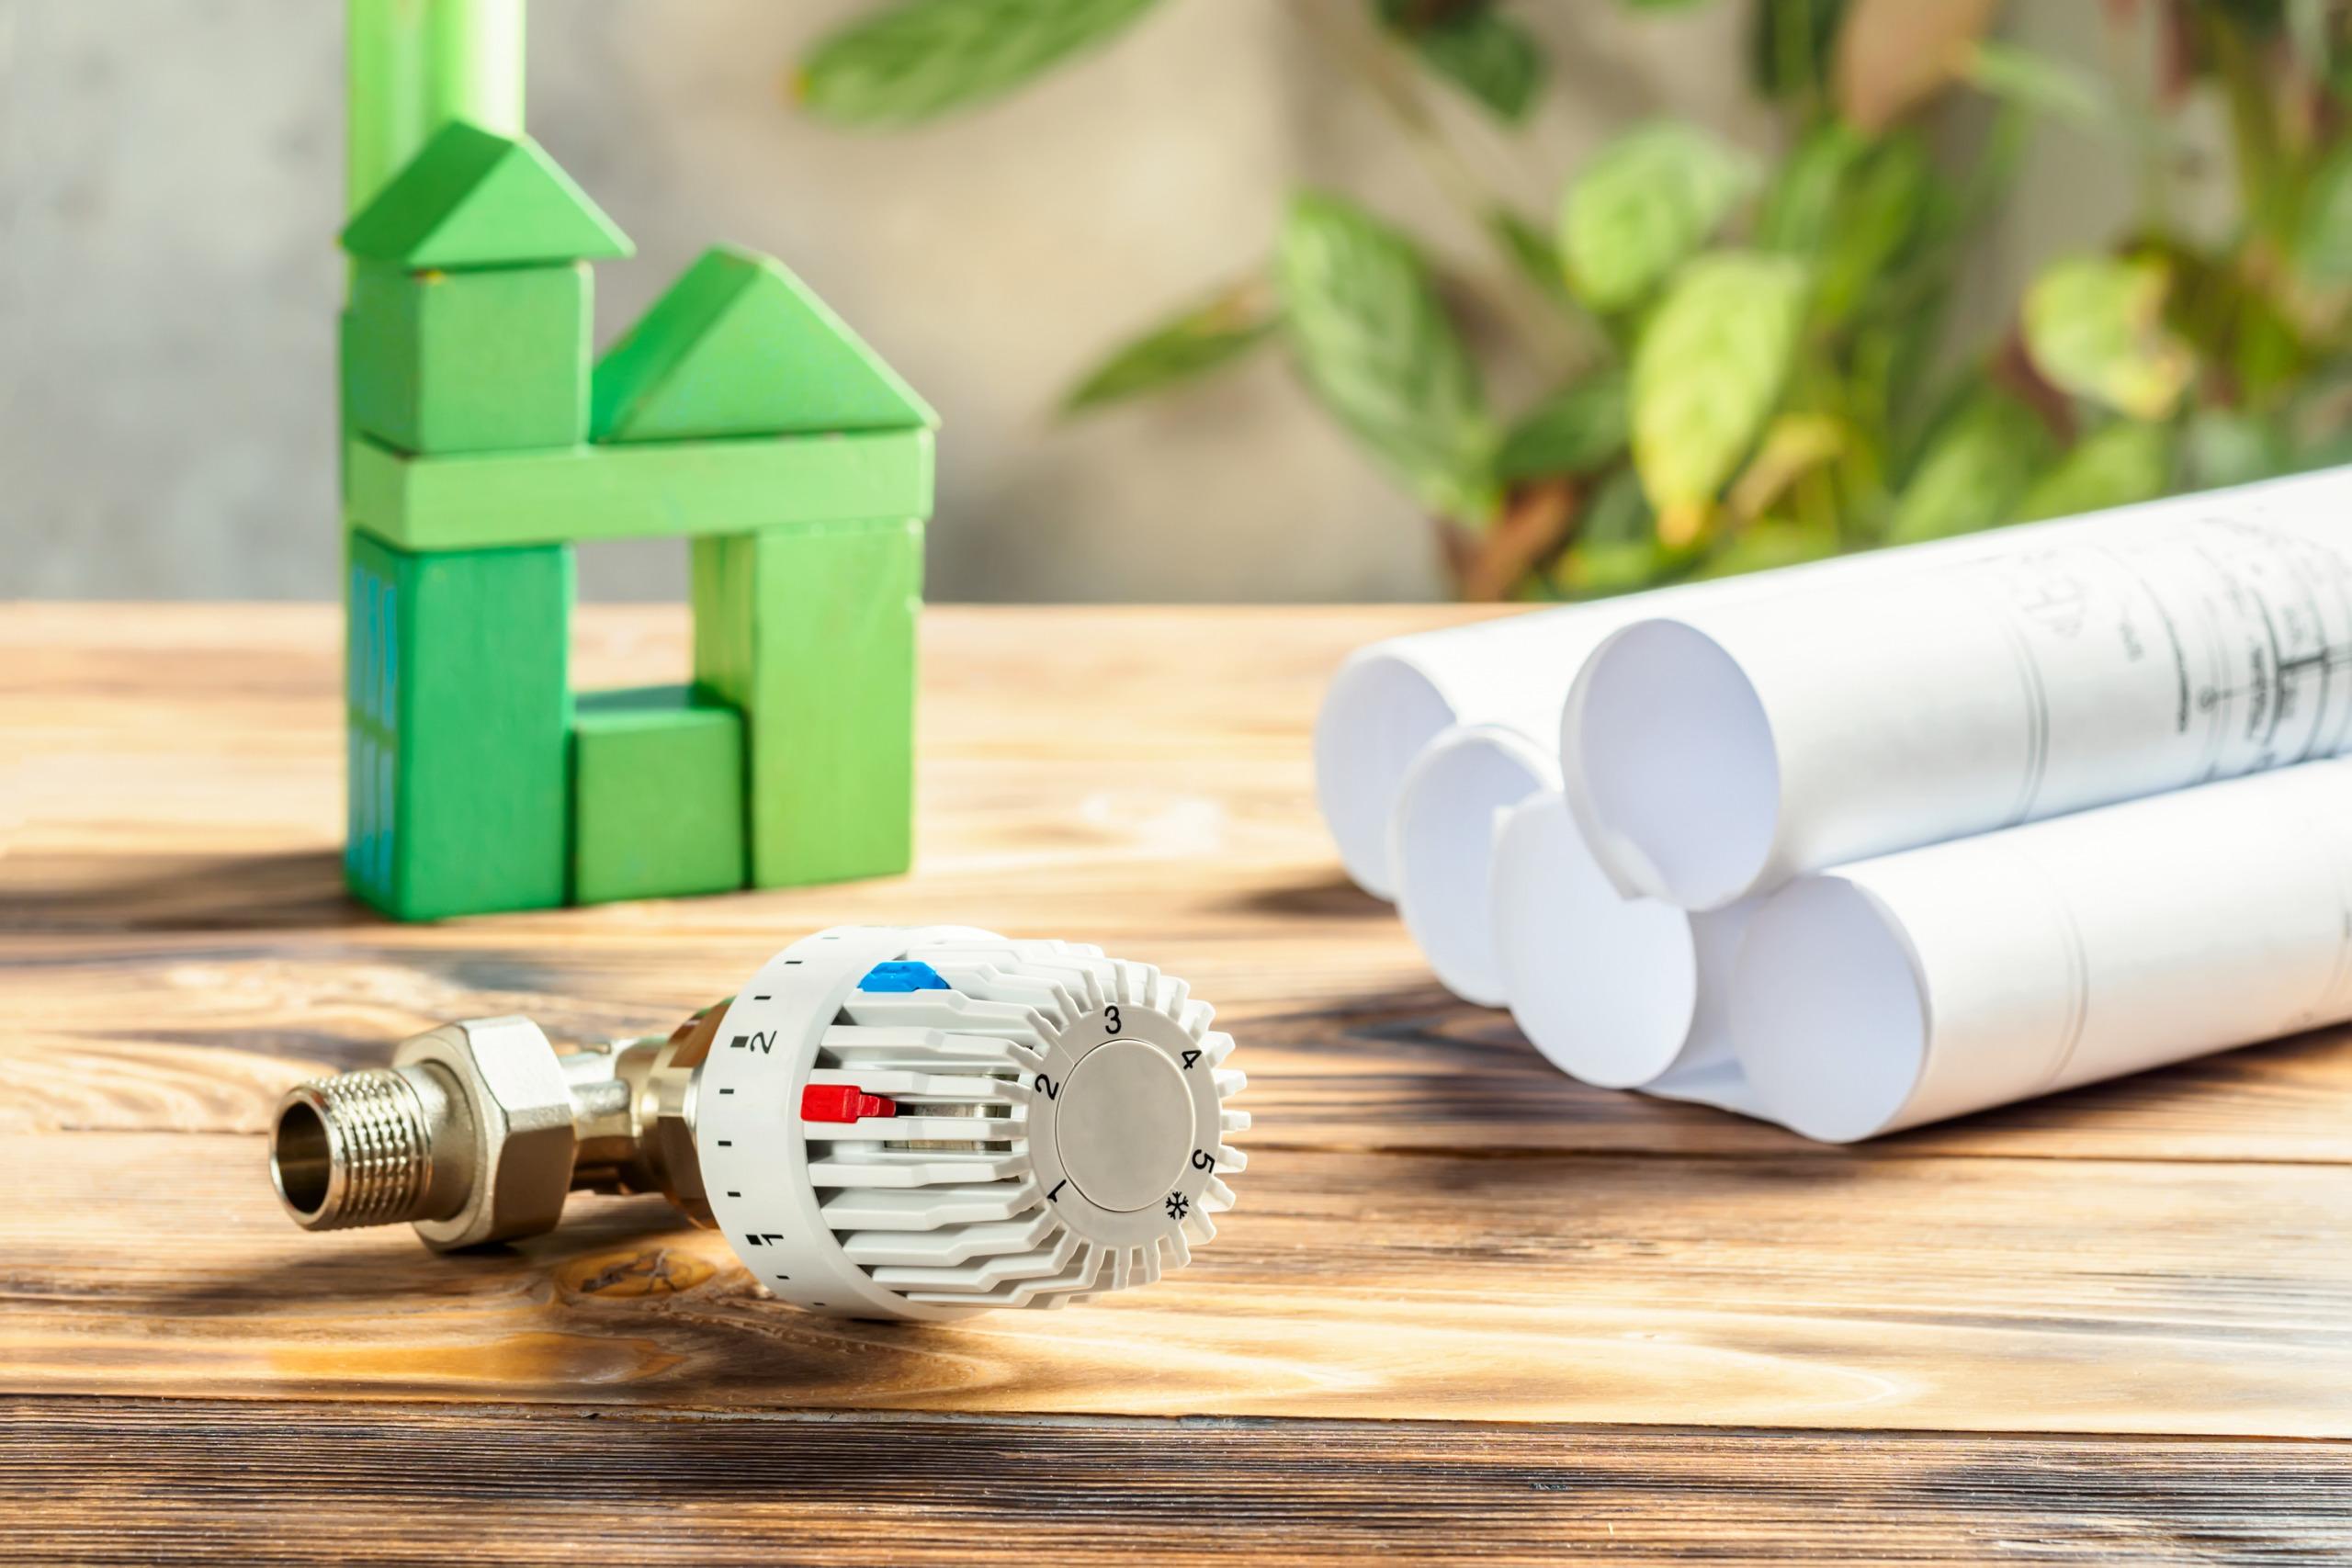 Haus aus grünen Bauklötzen, Thermostat eines Heizkörpers und Bauzeichnungen auf Holztisch, symbolisch für die Heizung mit erneuerbaren Energien.